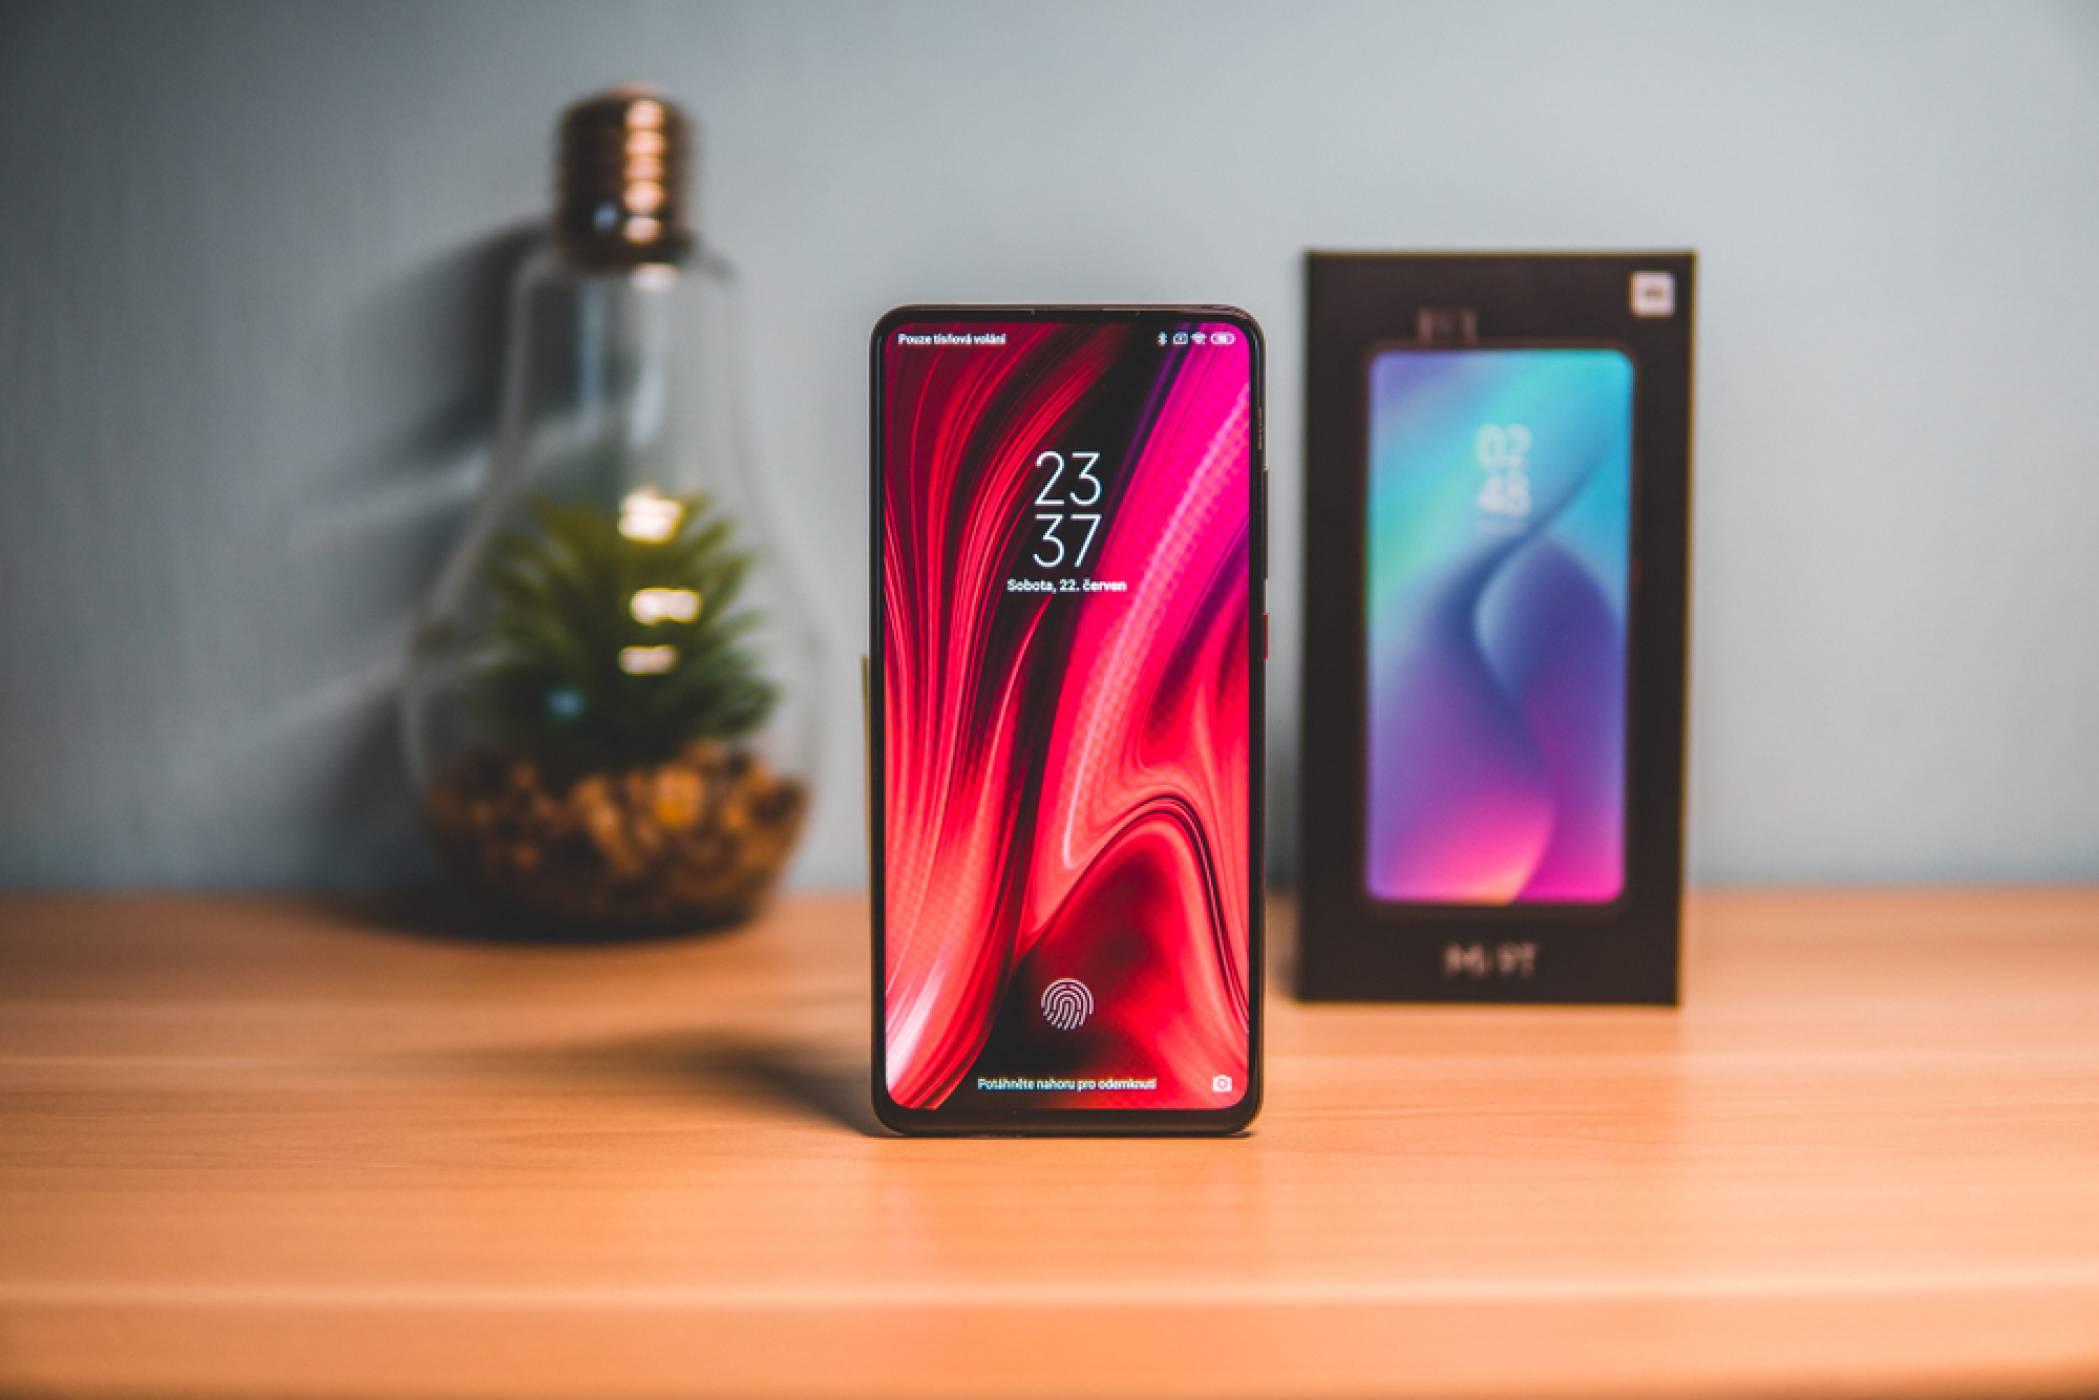 Xiaomi пита дали ще си купите техен телефон за 1500 долара. Вие какво мислите по въпроса?